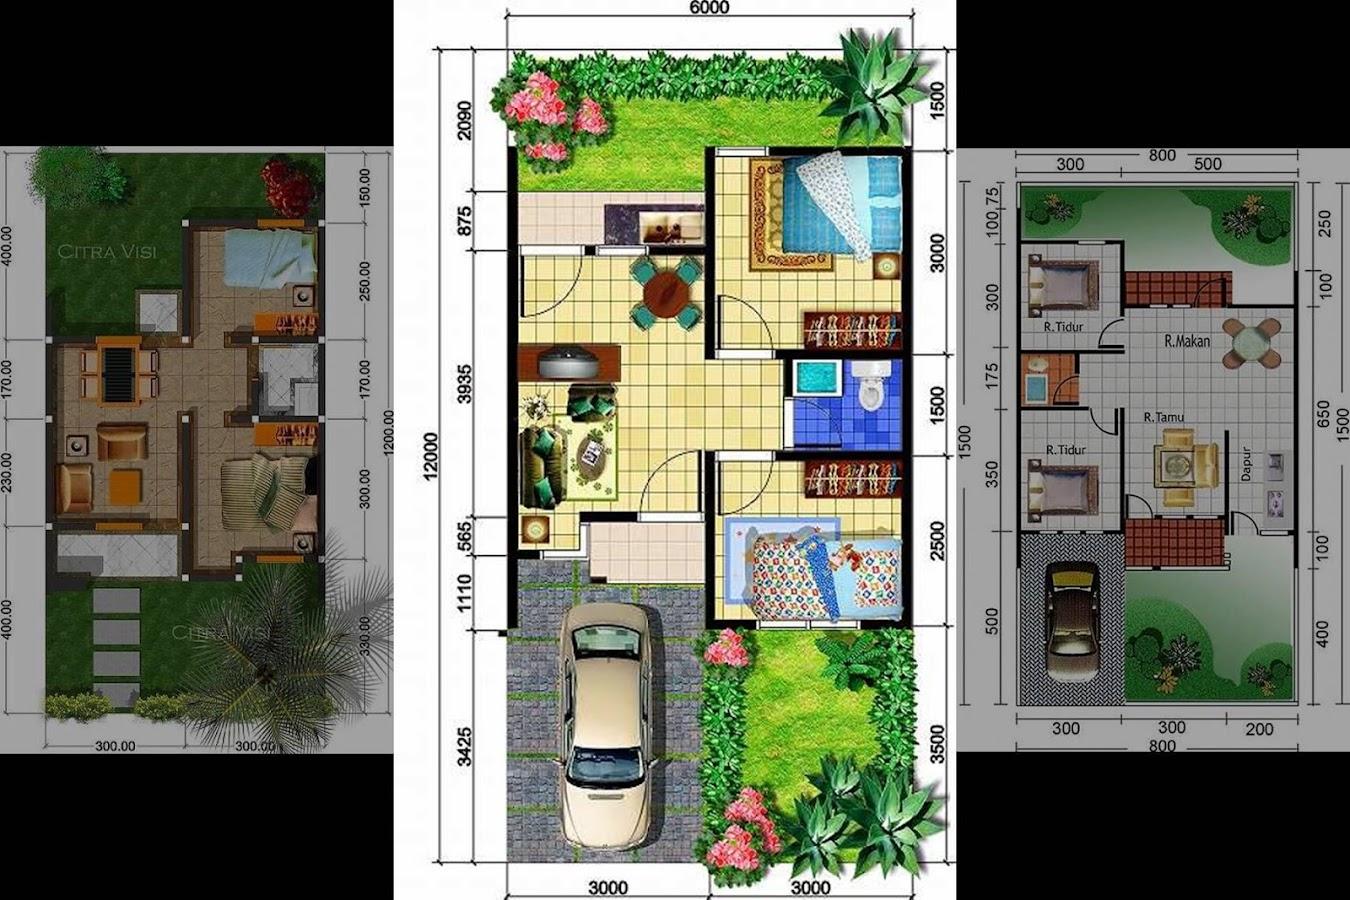 Denah Rumah Apl Android Di Google Play